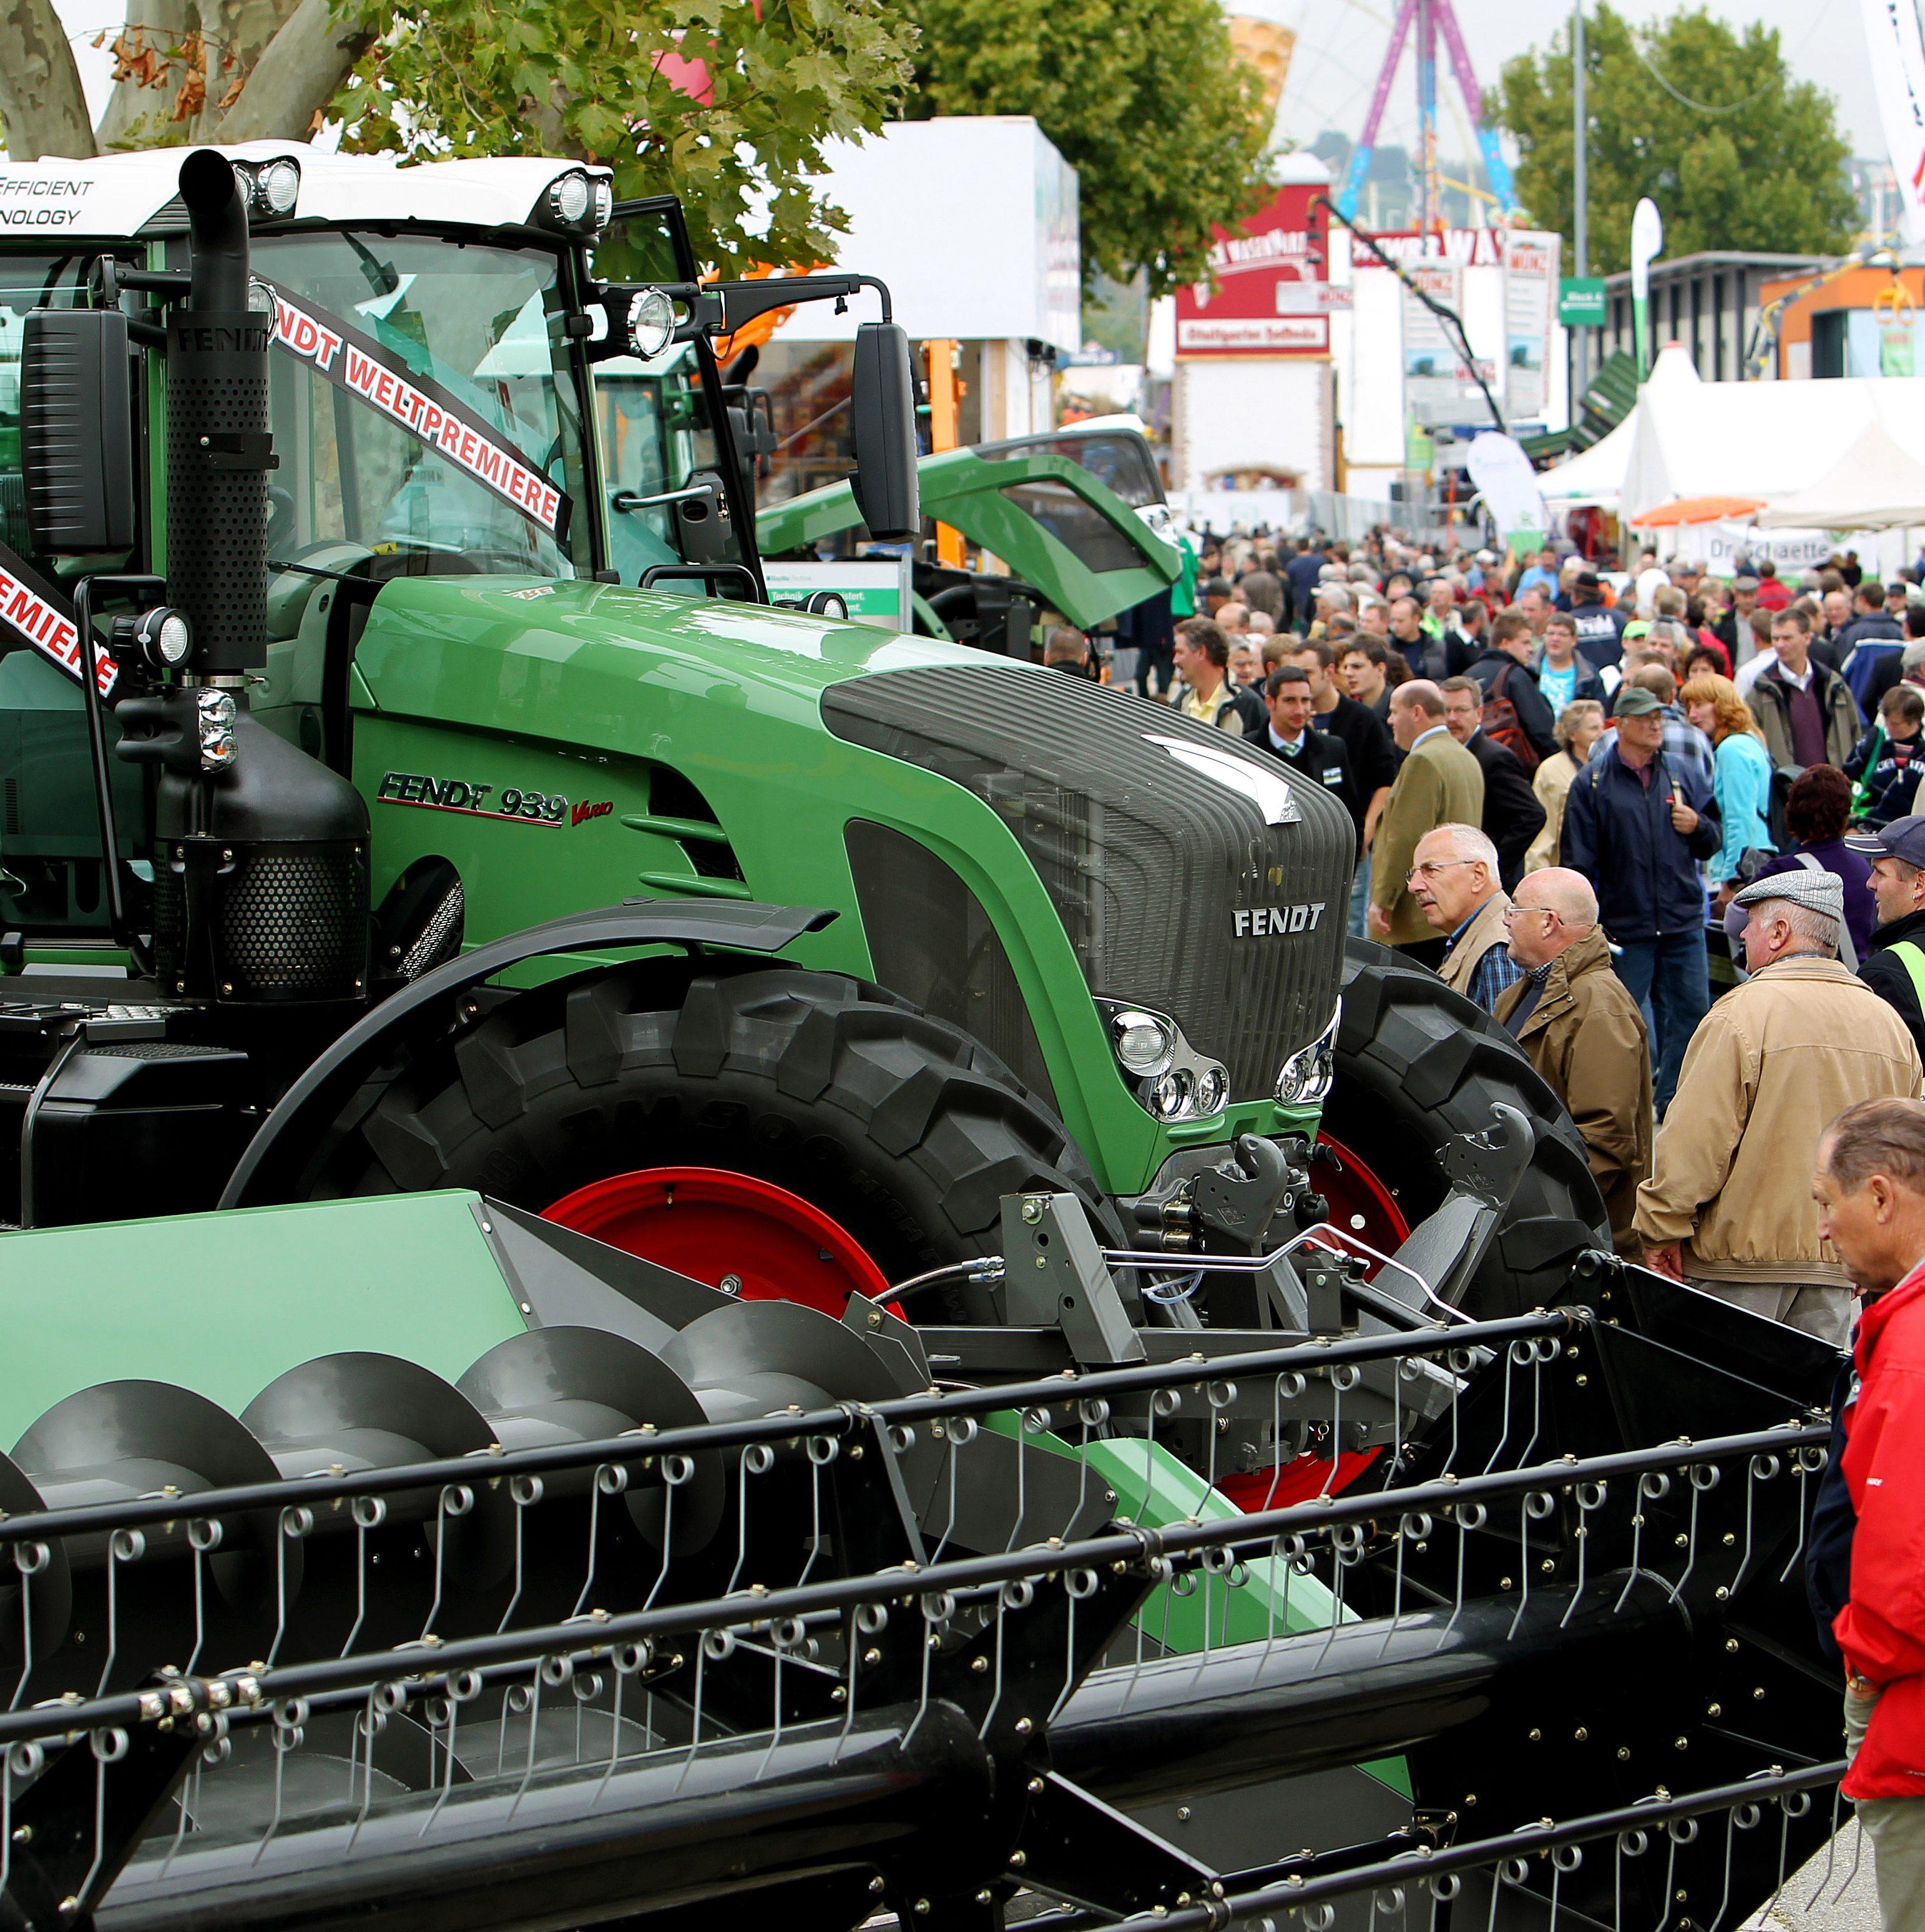 LWH - 100. Landwirtschaftliches Hauptfest 2018